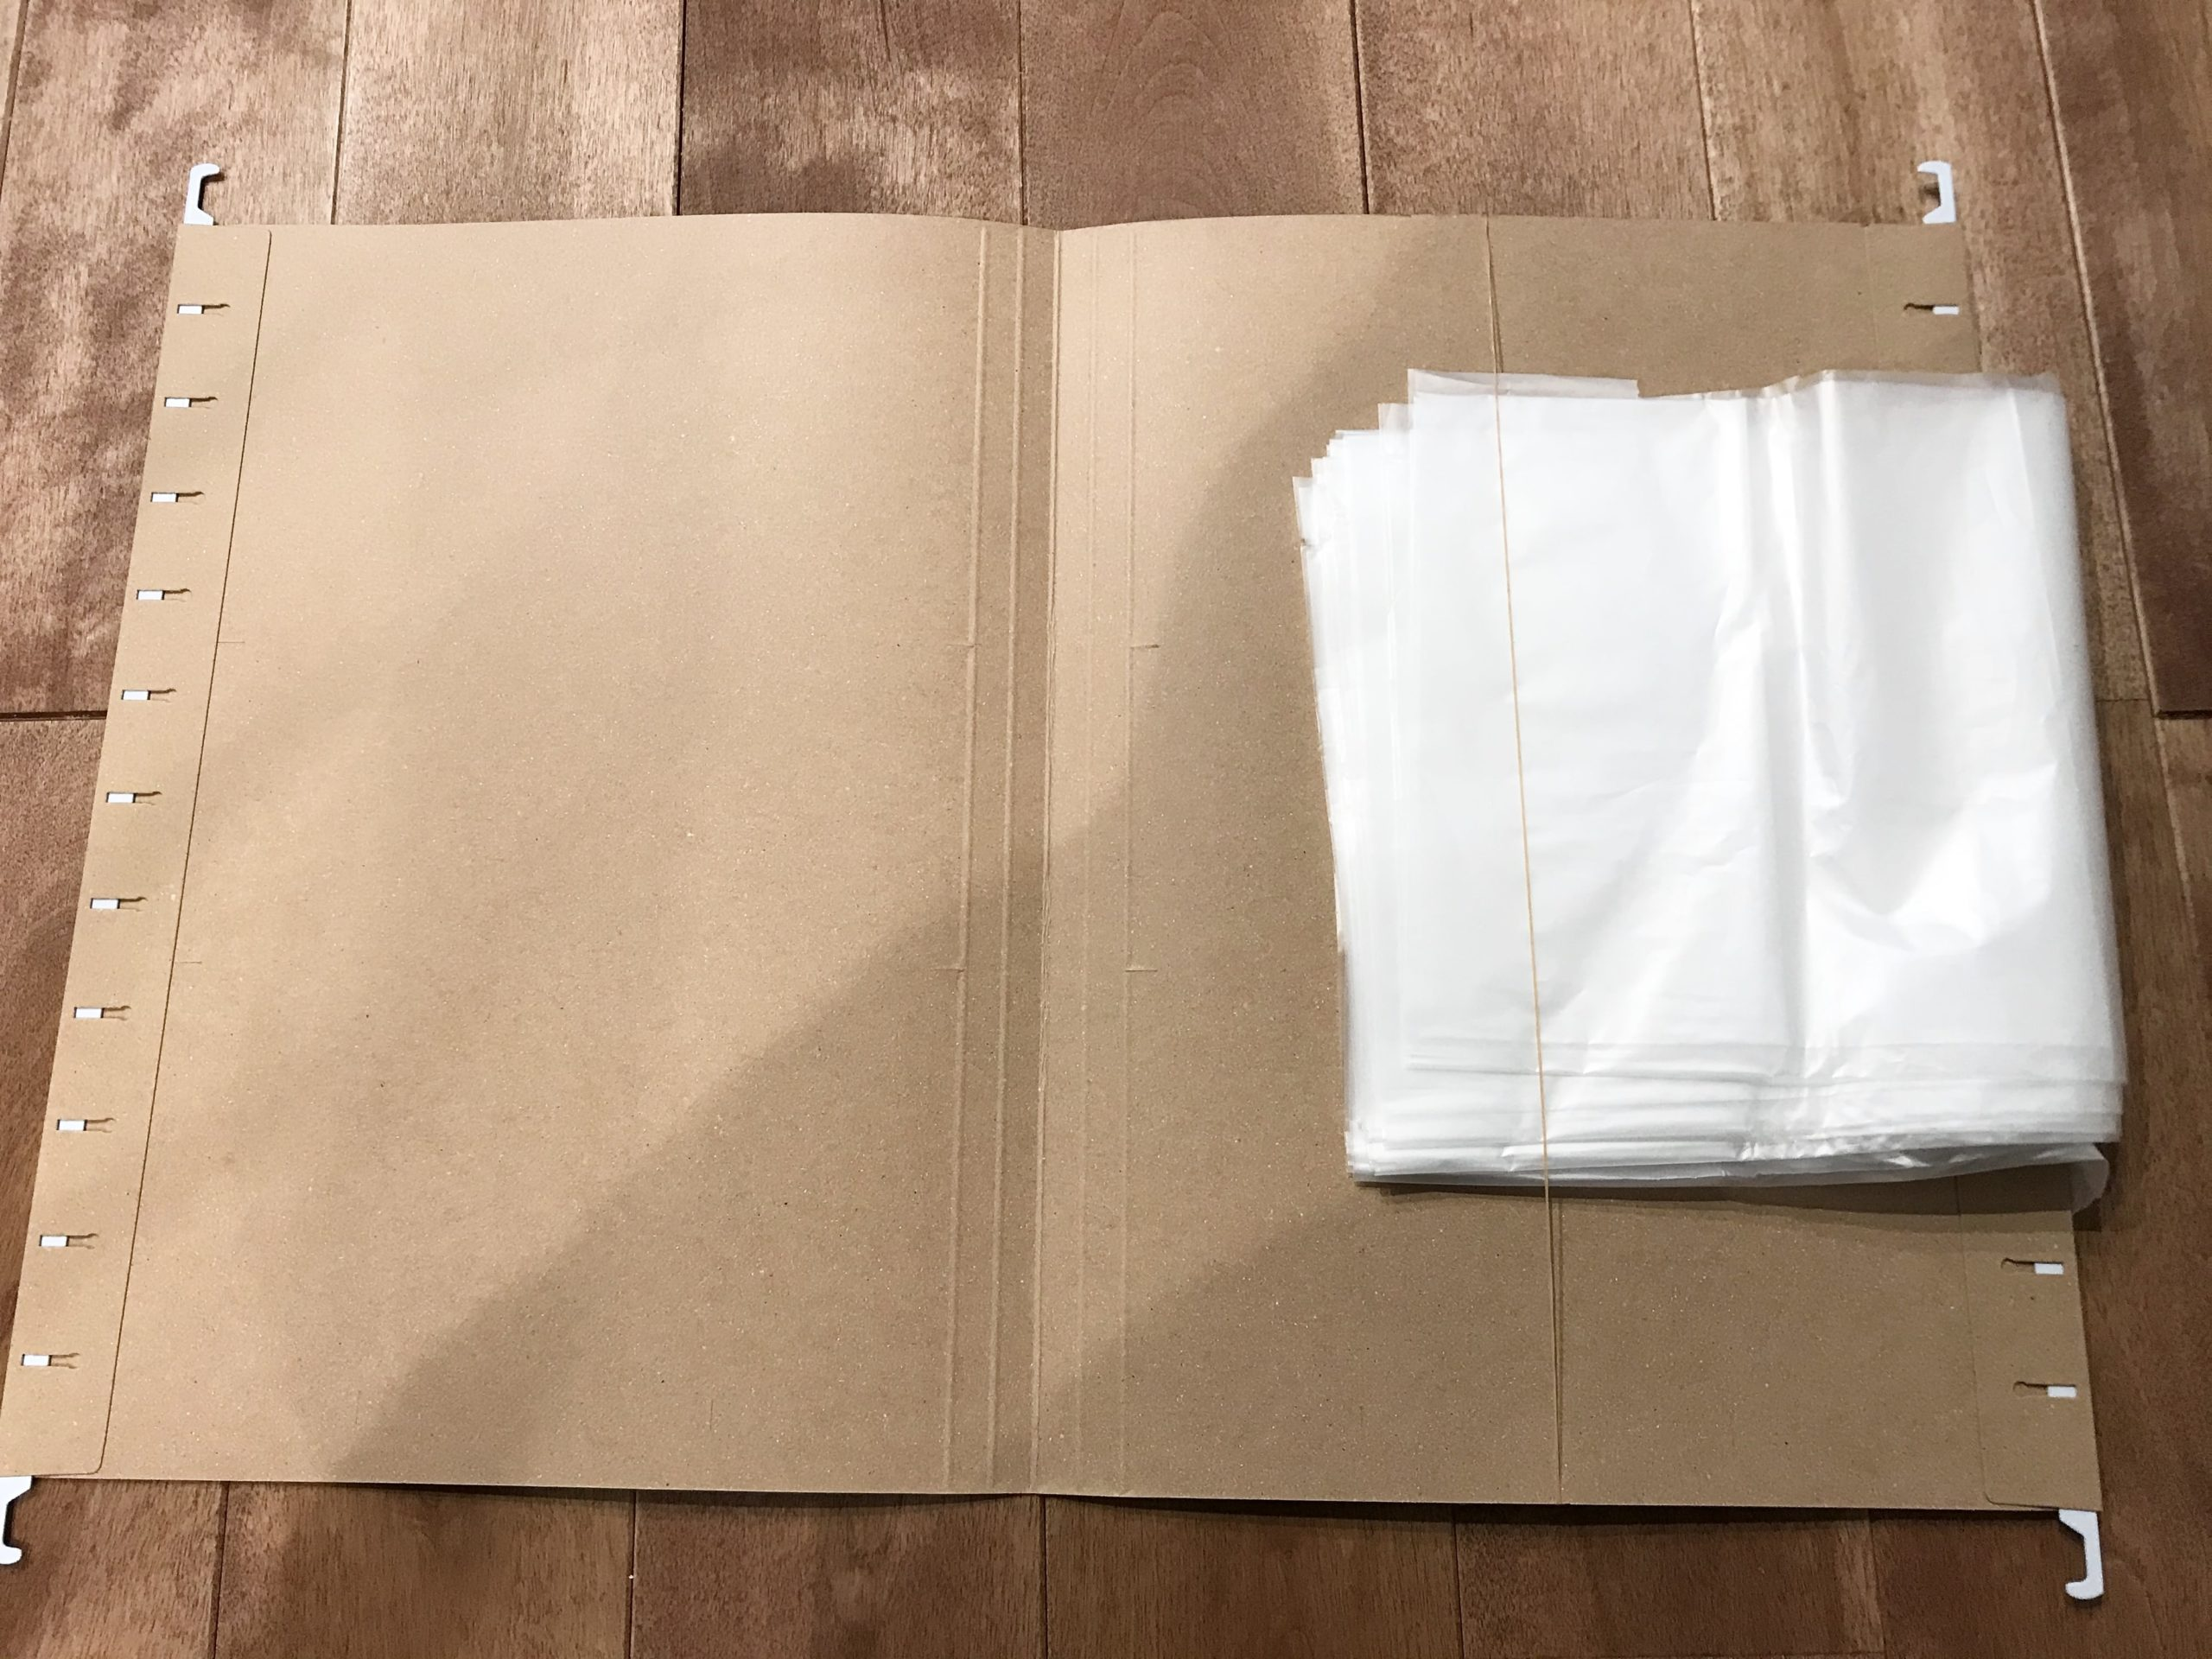 ゴミ袋の収納のやり方